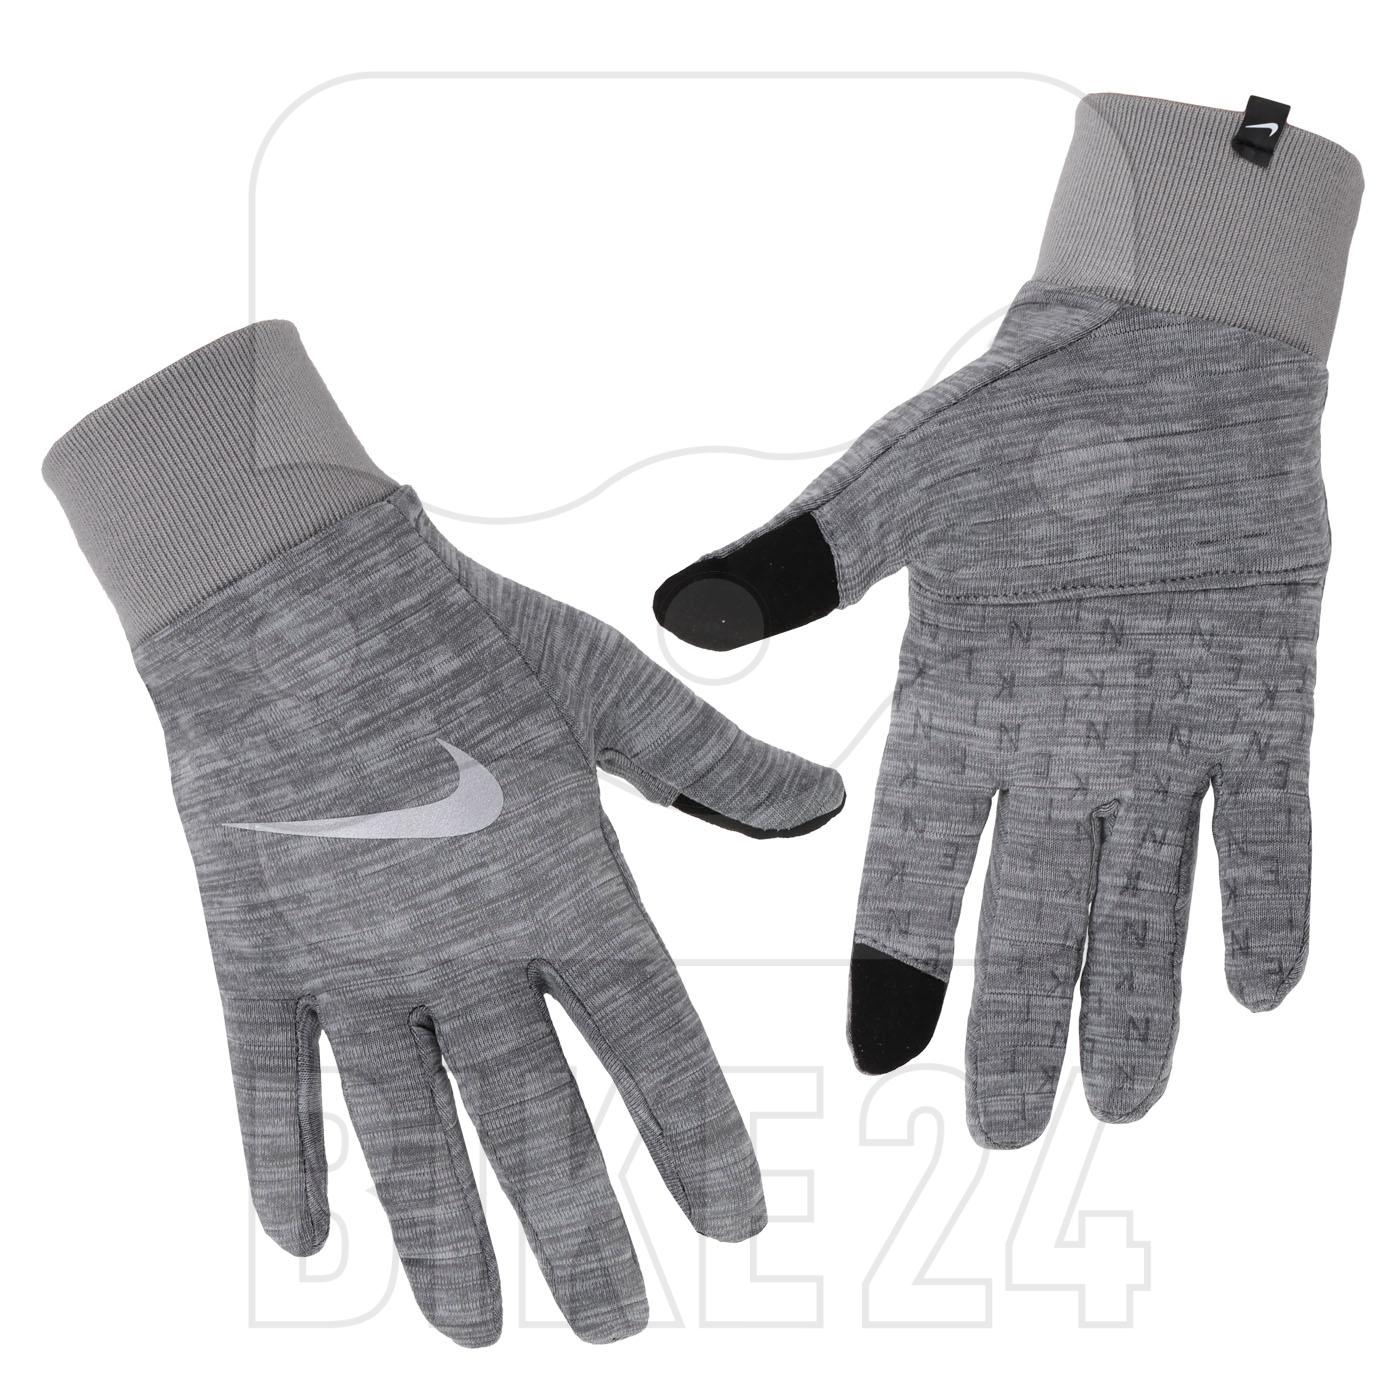 Produktbild von Nike Sphere 3.0 Laufhandschuhe für Herren - iron grey heather/grey fog/silver 068